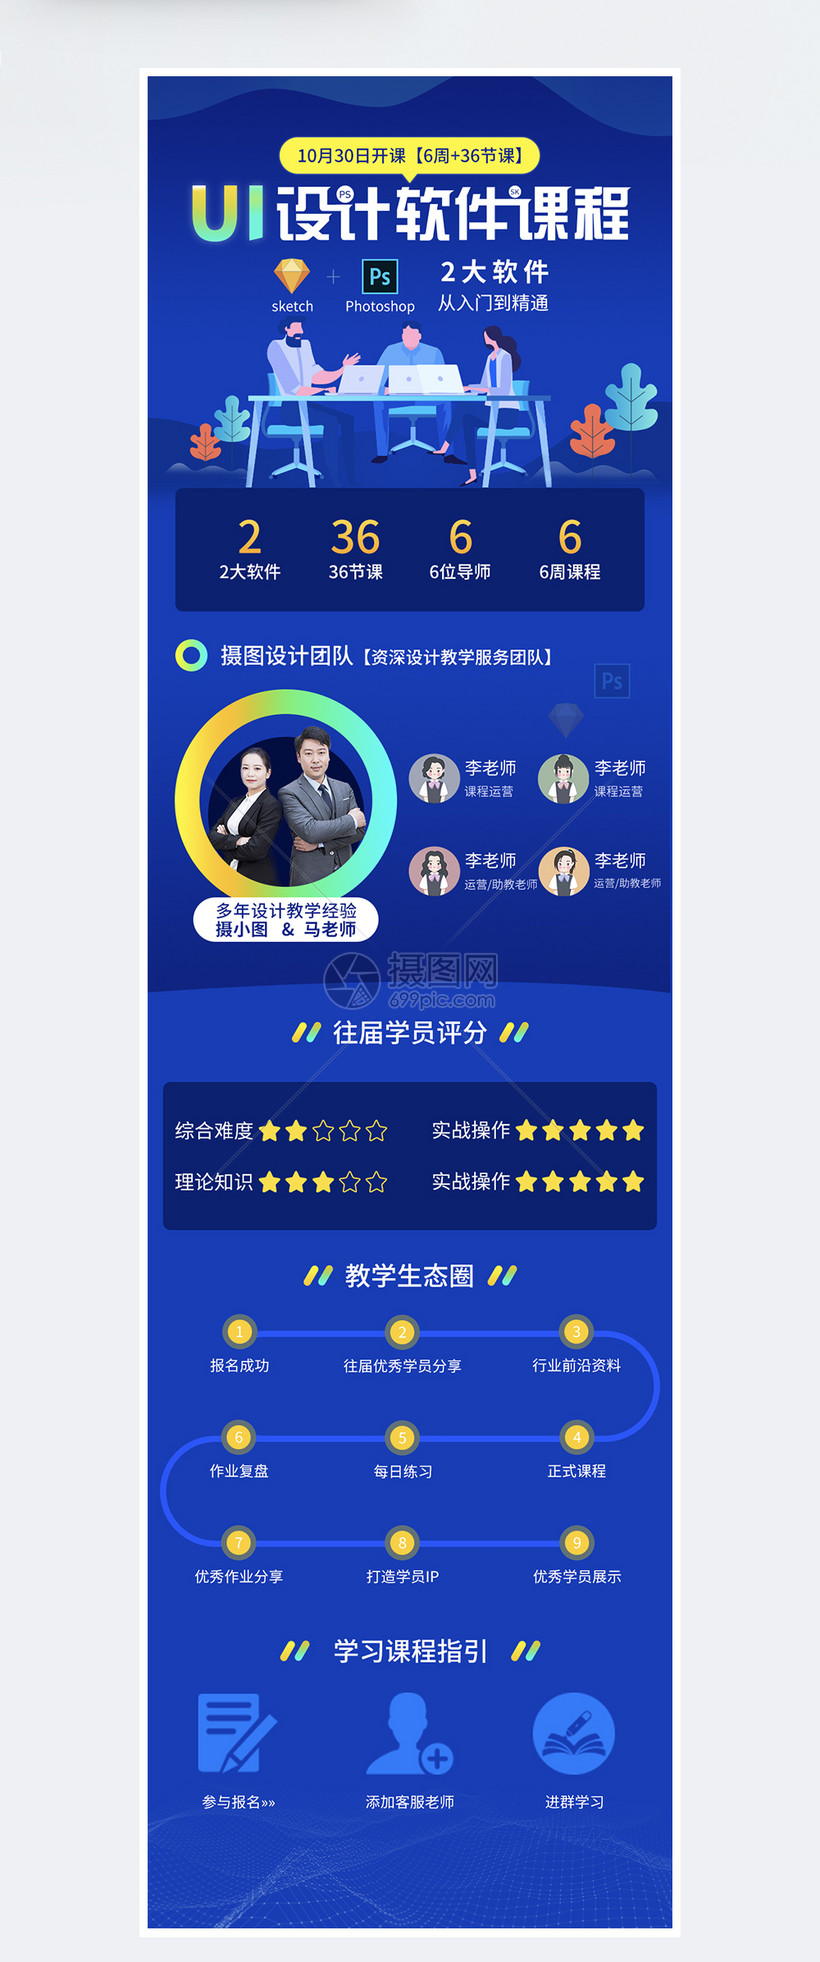 家具UI设计软件线上课程设计长图国振蓝色内部营销规范图片